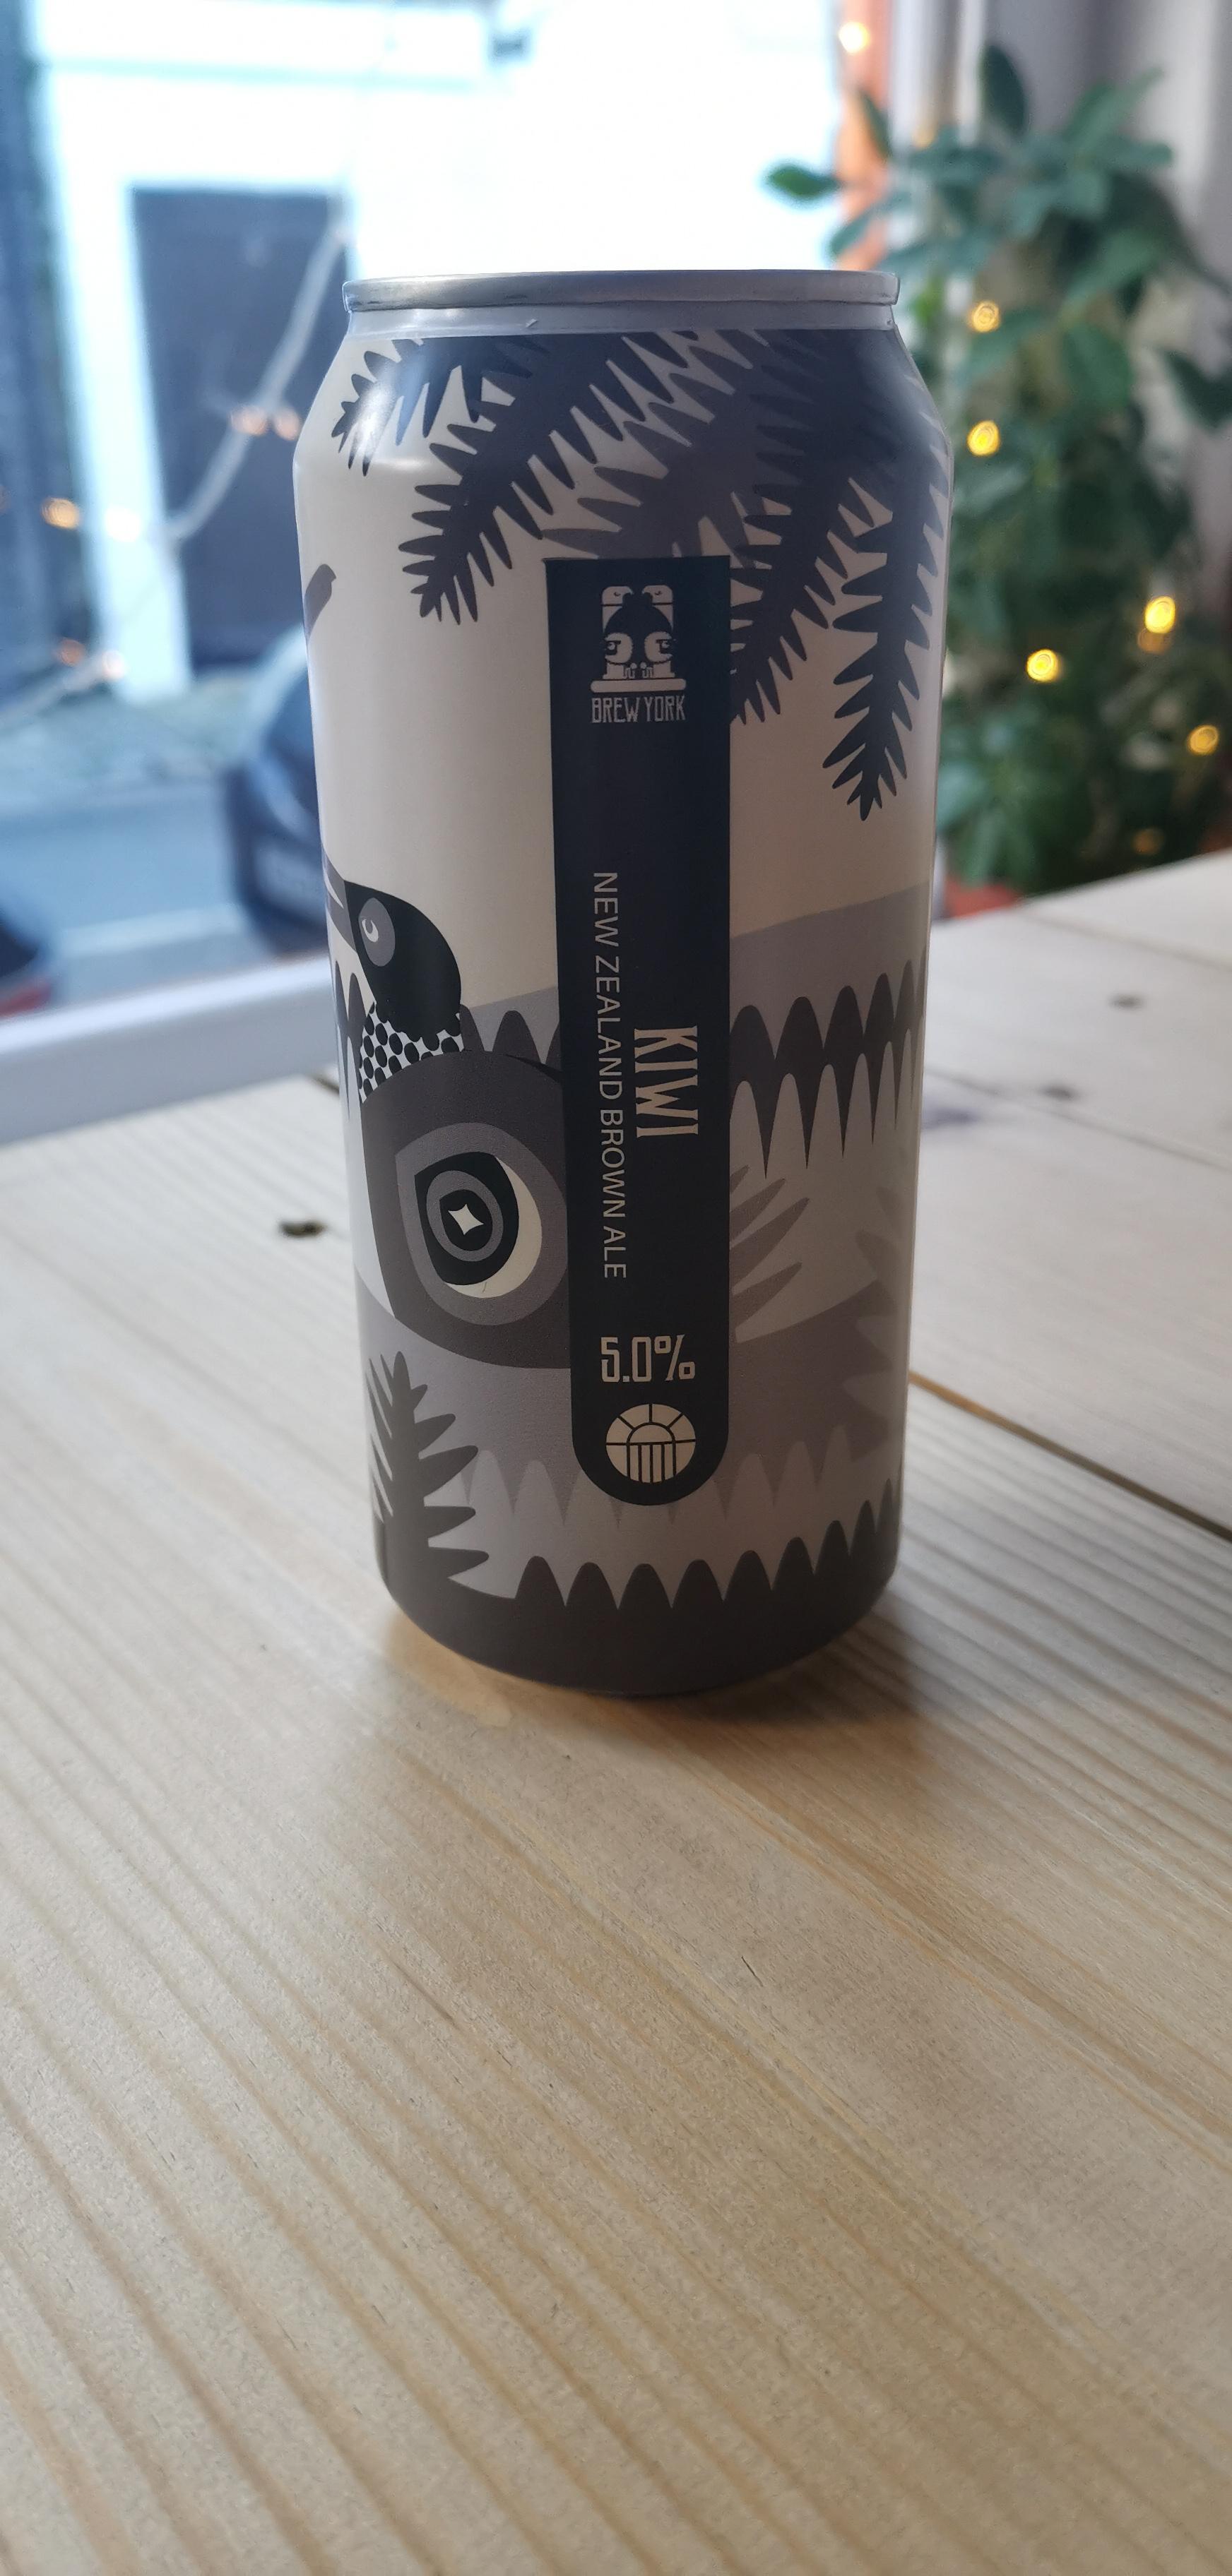 Brew York - Kiwi (5.0% Brown Ale)